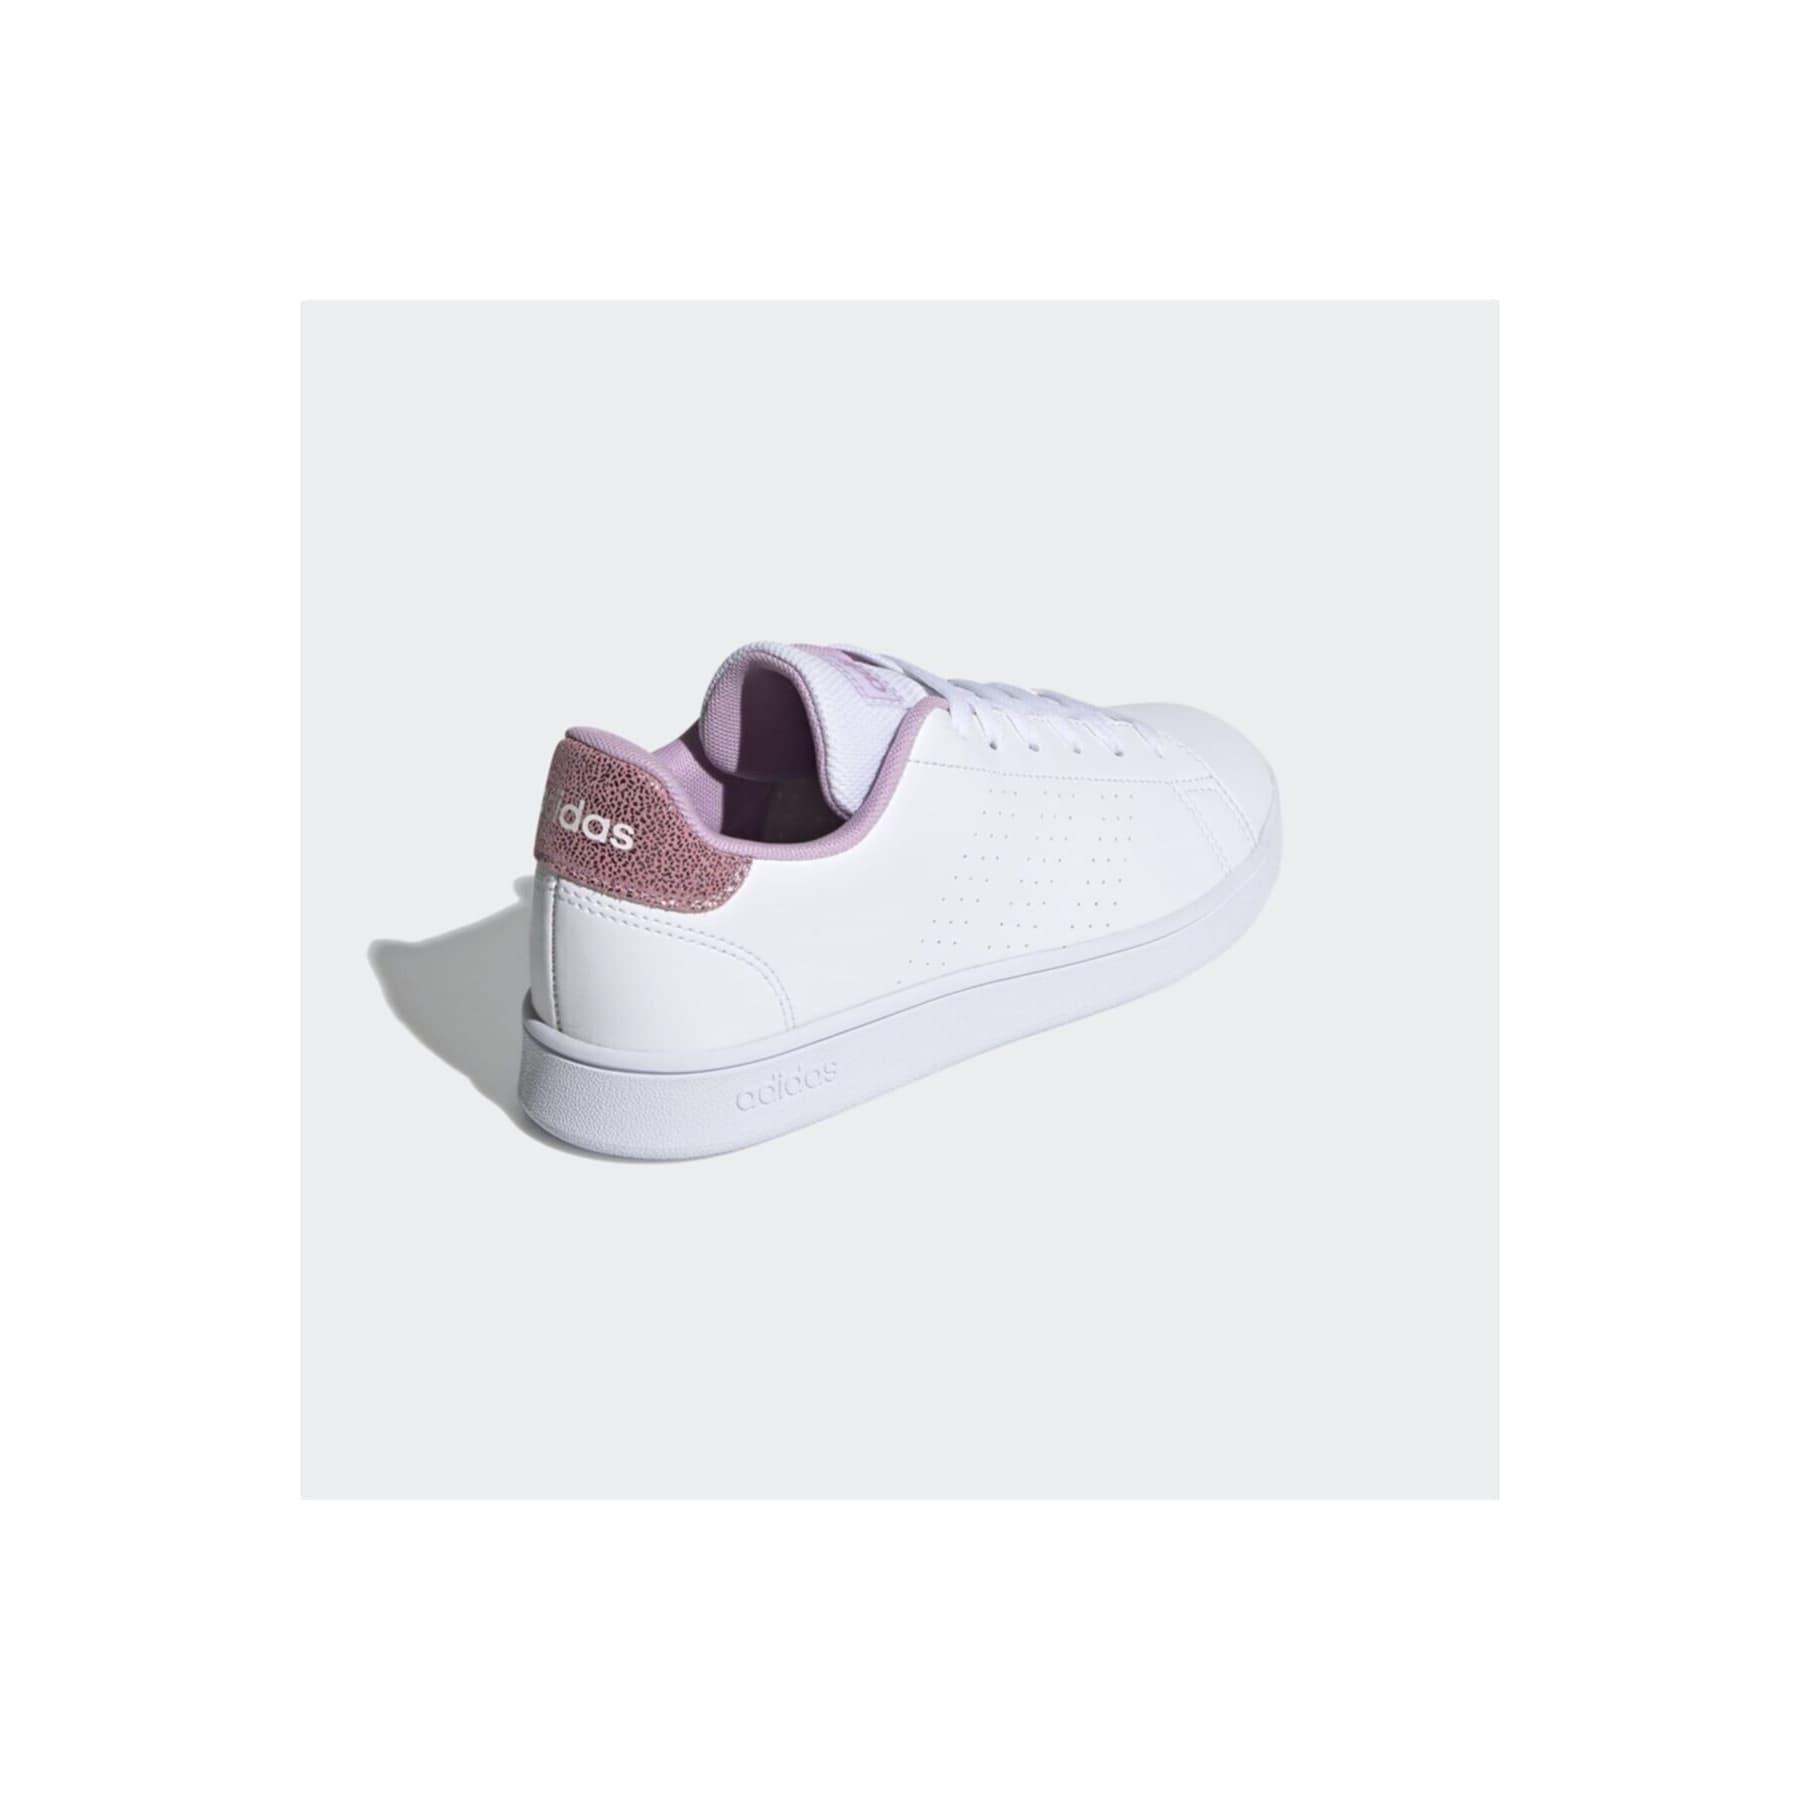 Advantage Kadın Beyaz Spor Ayakkabı (FY8874)